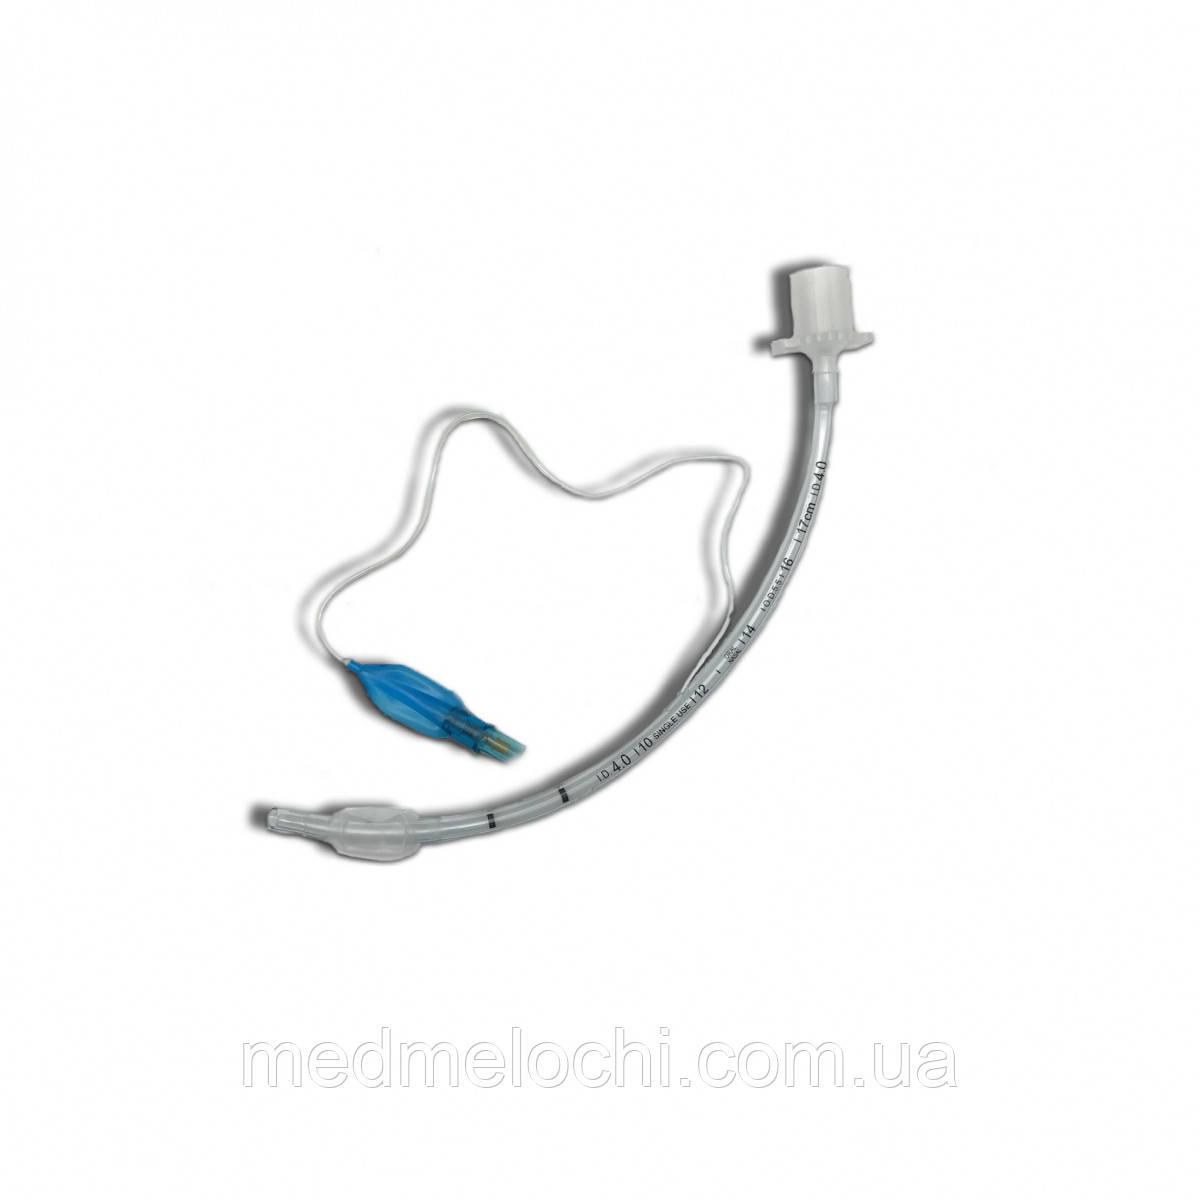 Трубка ендотрахеальна MEDICARE (з манжетою) розмір 4,0